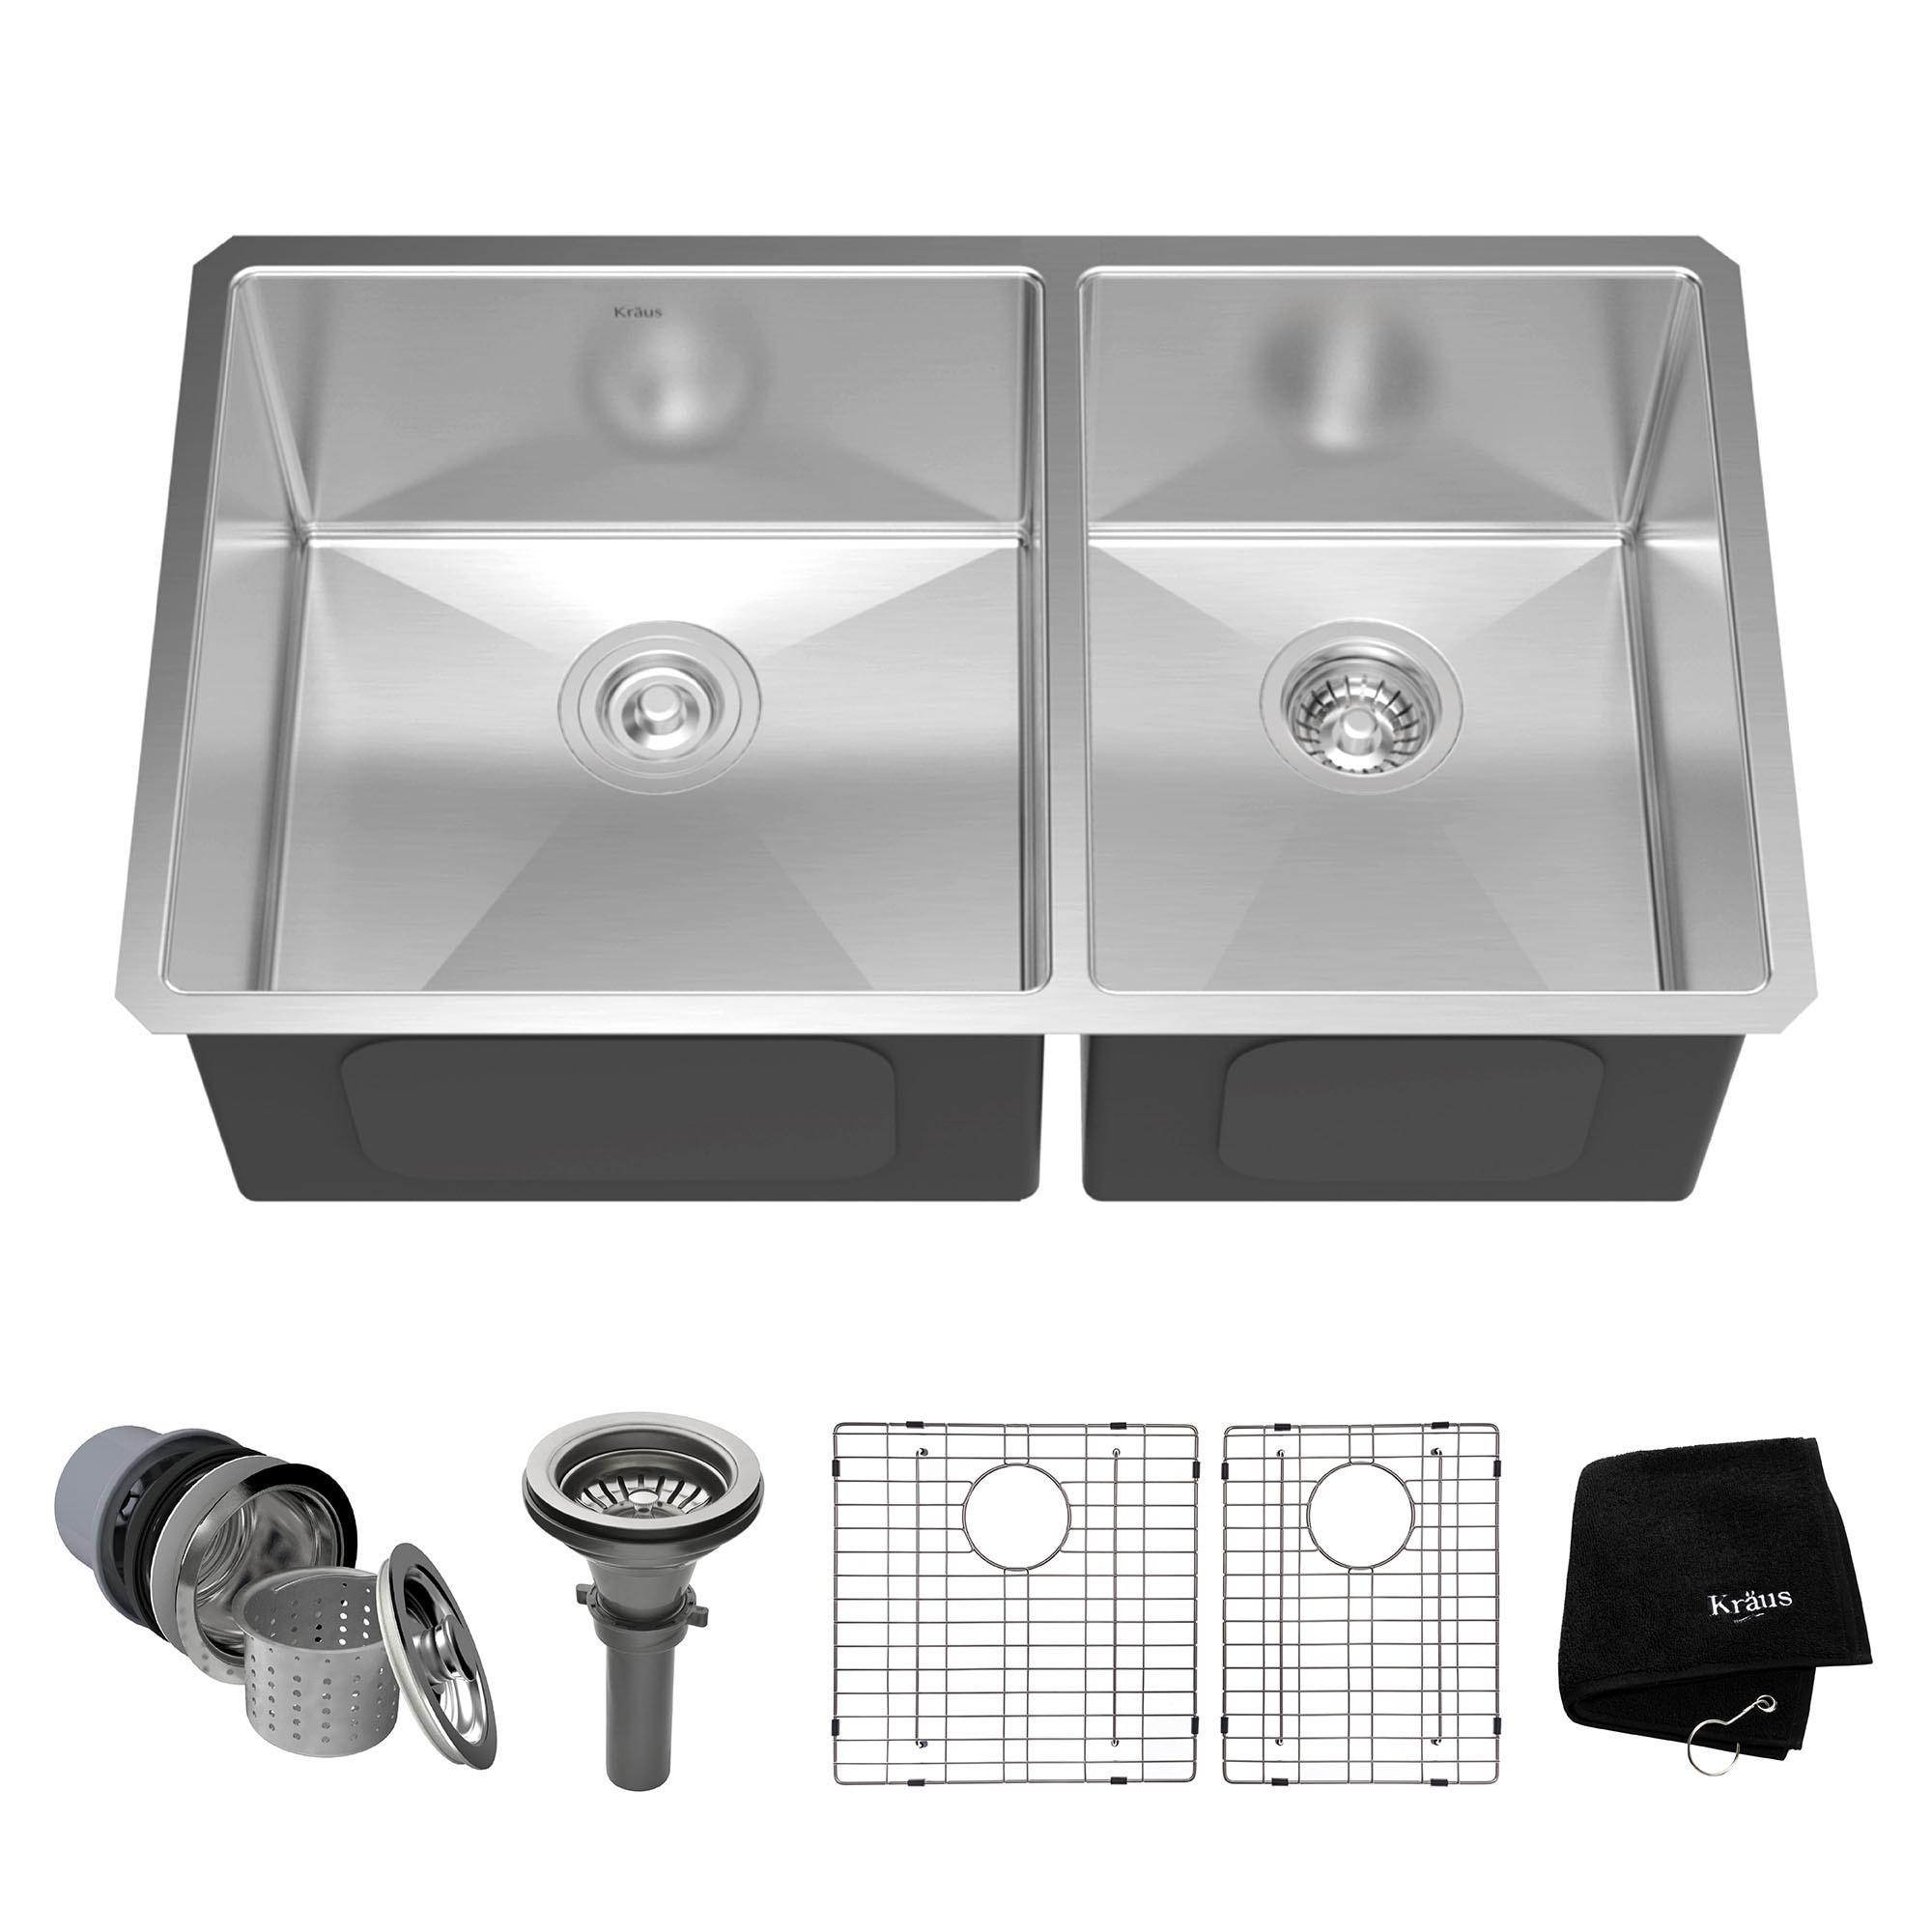 cf55faa1dd Kraus KHU103-33 Undermount 33-in 16G 60/40 2-Bowl Satin Stainless Steel  Kitchen Sink, Grids, Strainers, Towel